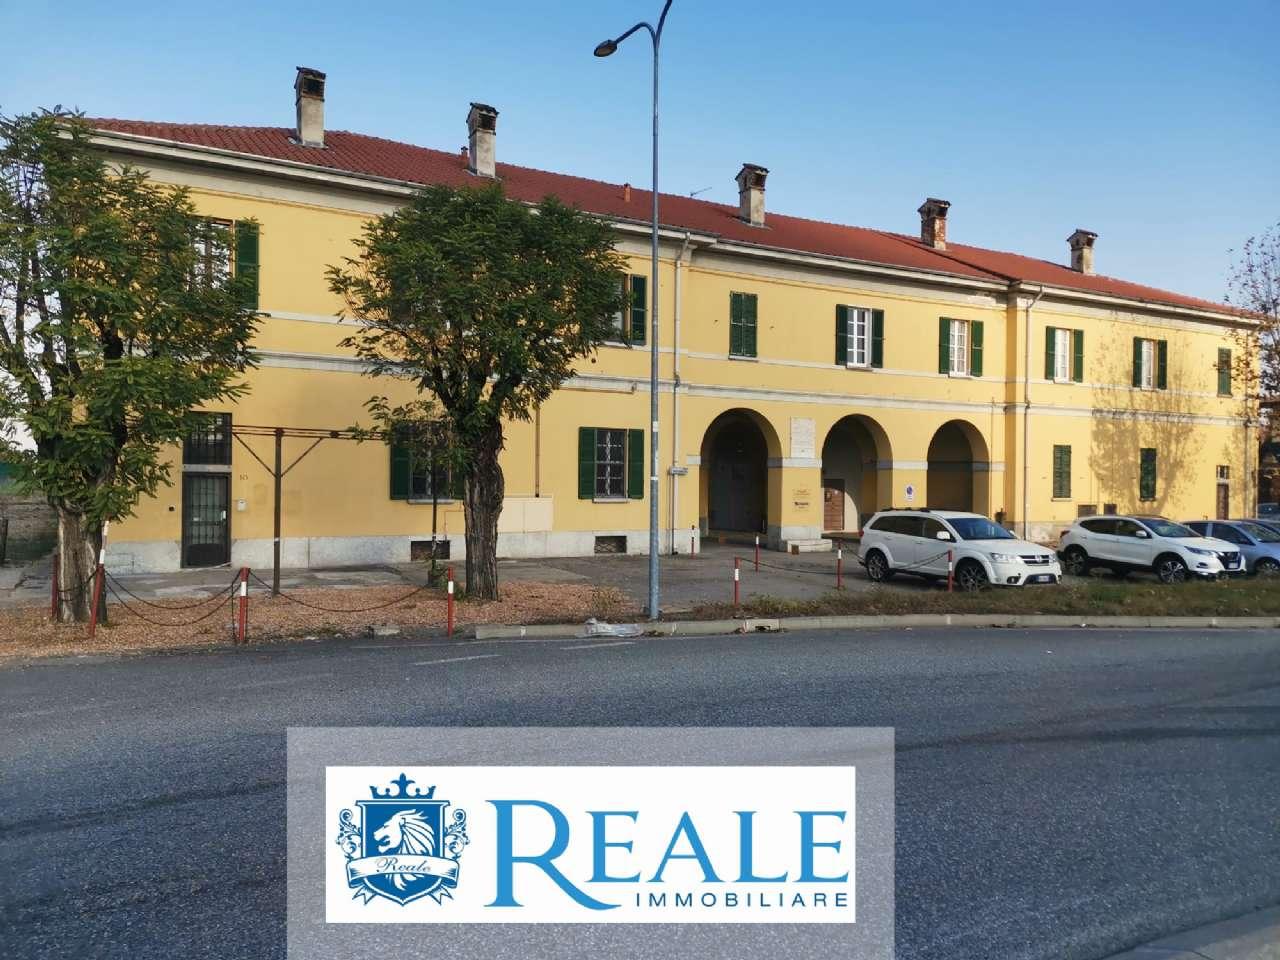 Negozio / Locale in affitto a Trecate, 4 locali, prezzo € 1.500 | PortaleAgenzieImmobiliari.it